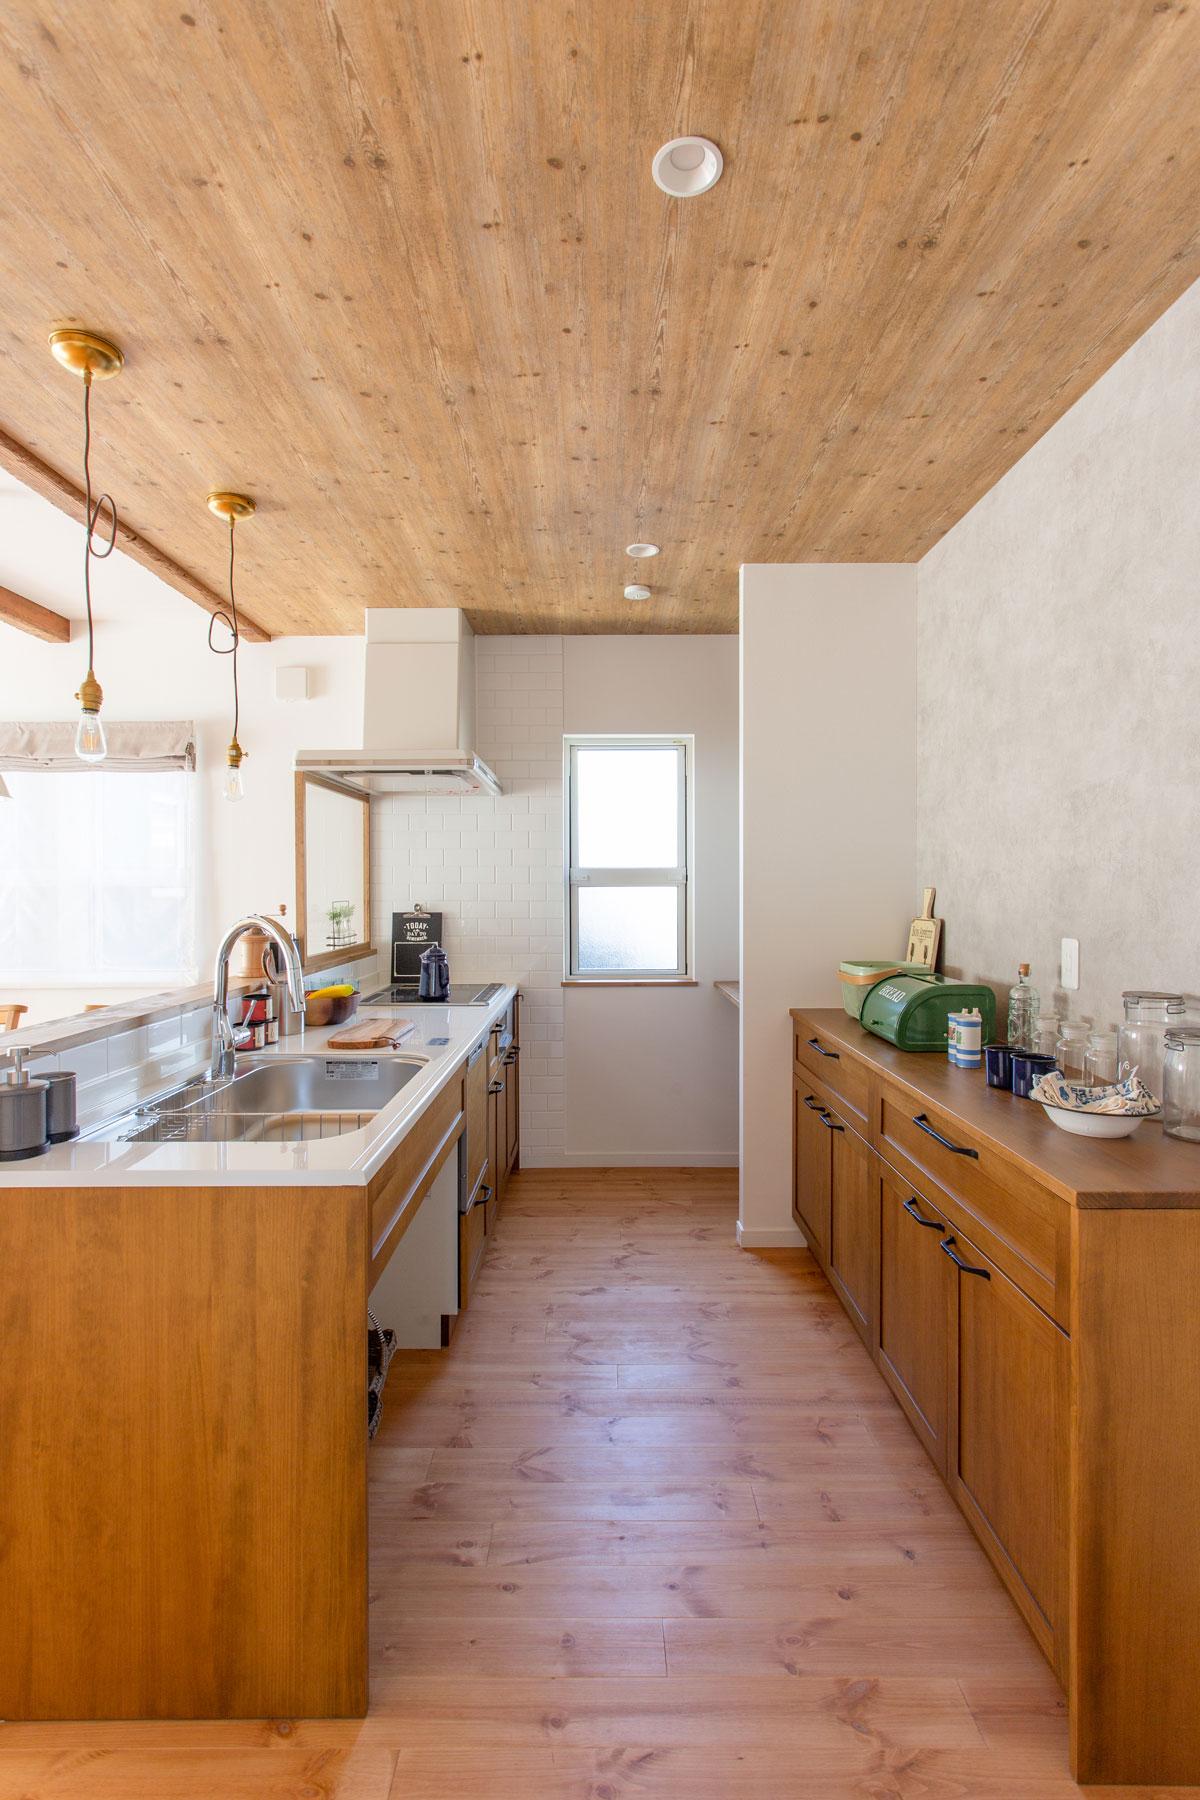 木の素材感を生かしたかっこいいキッチンスペース